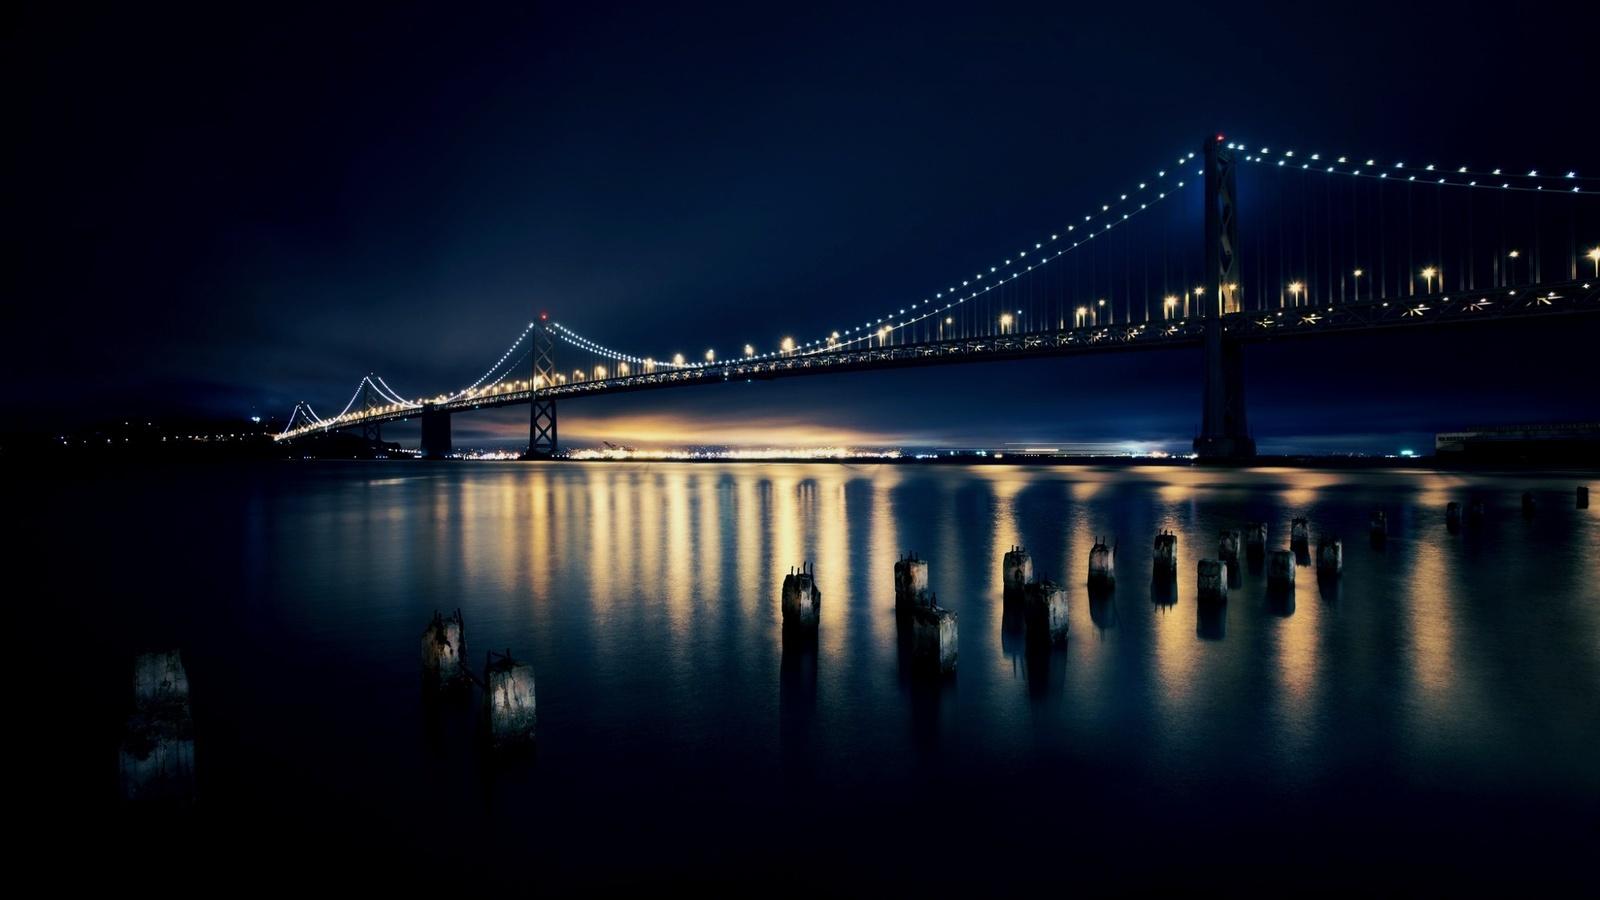 мост, вода, огни, красиво, ночь, небо